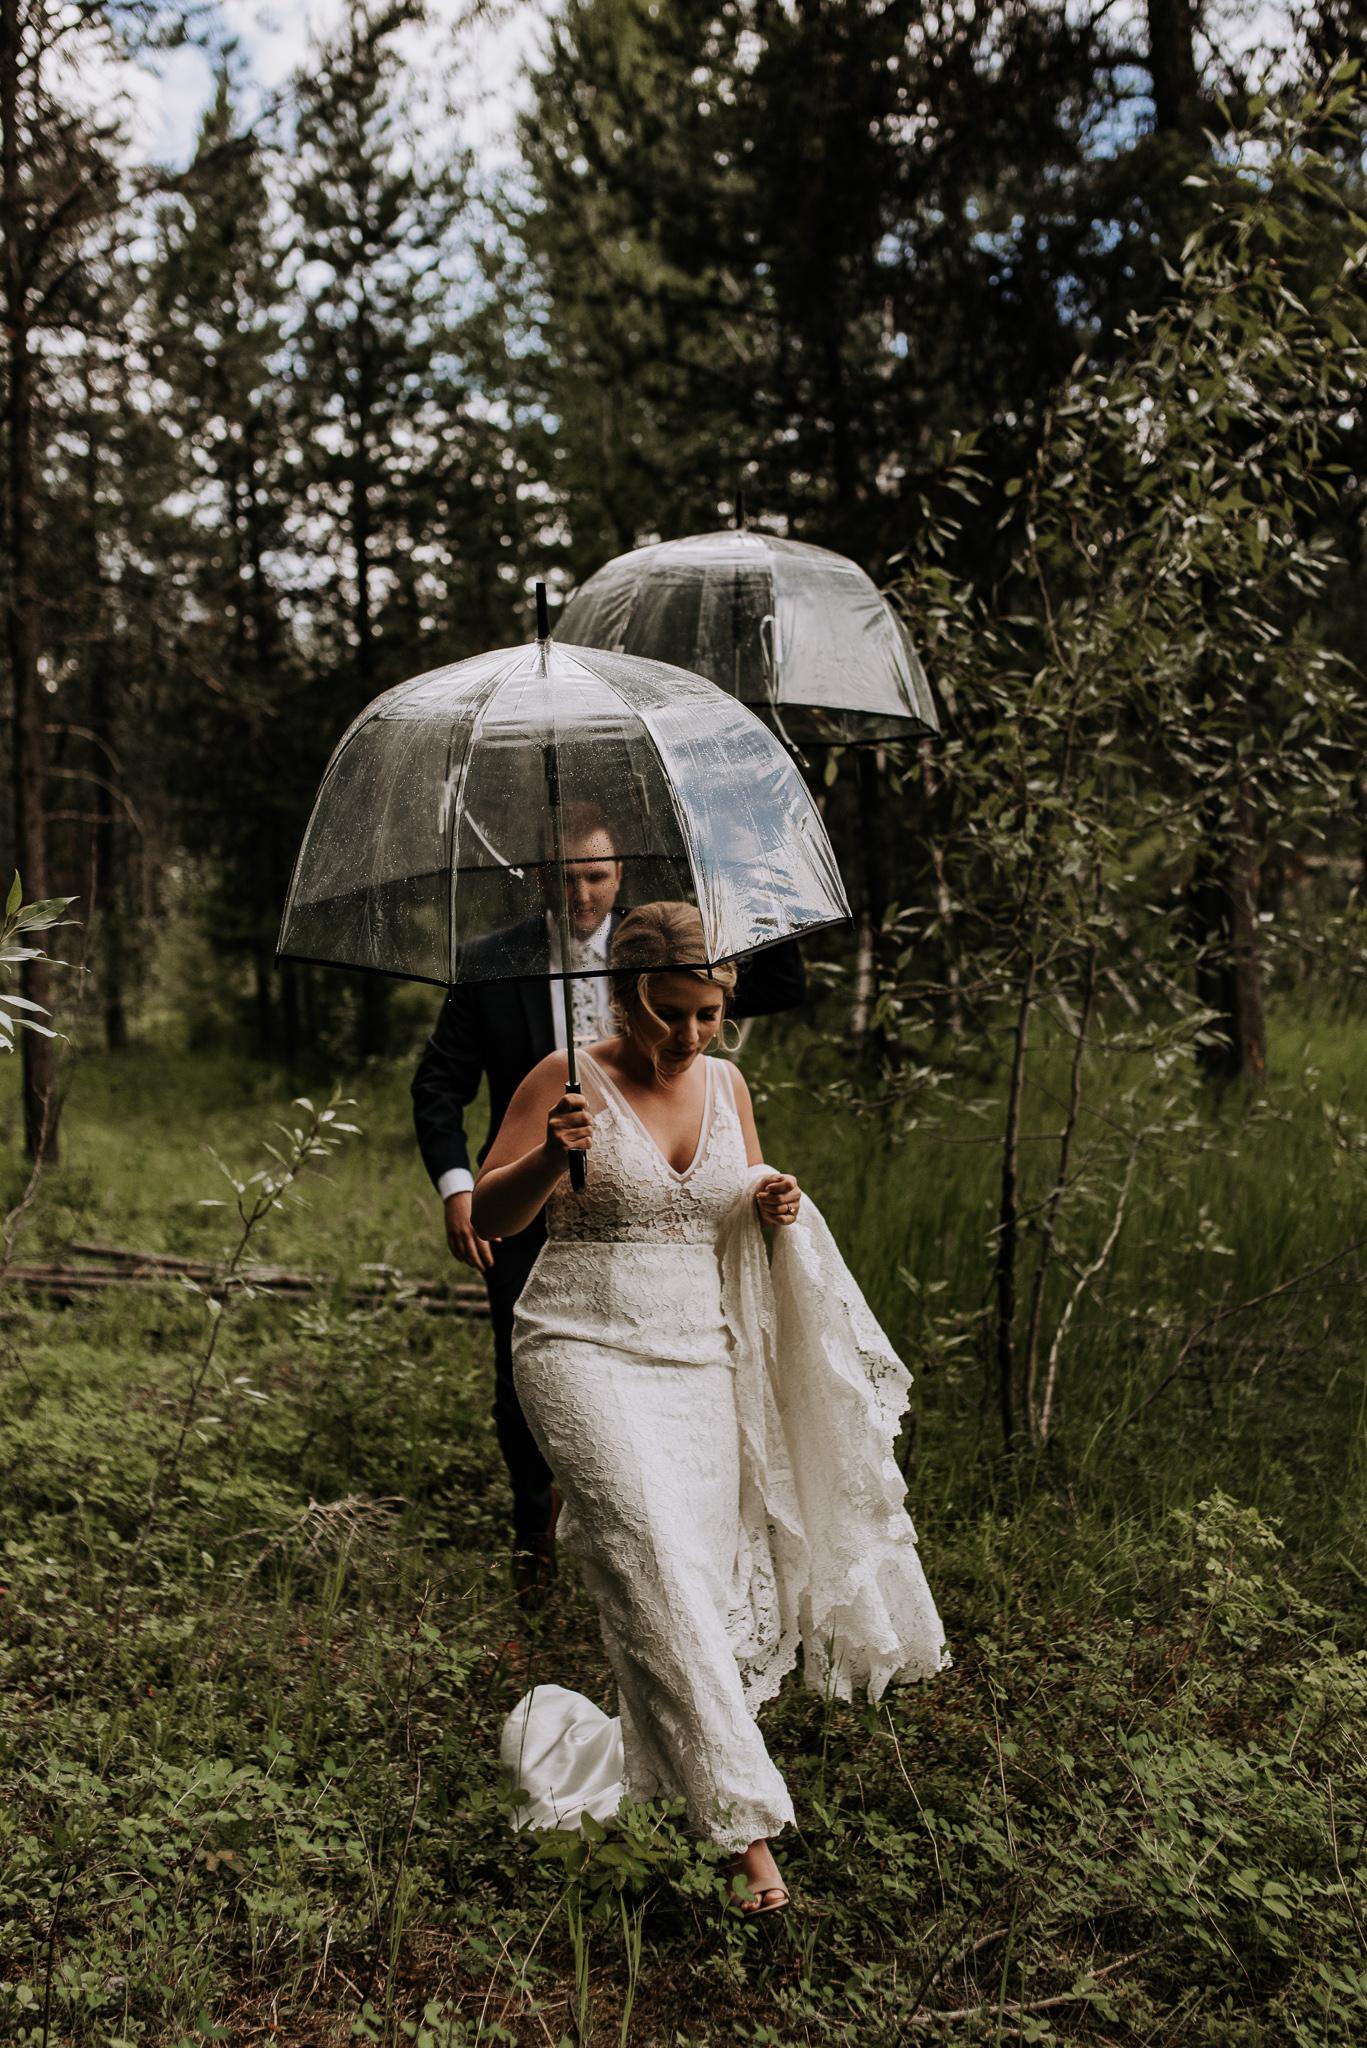 glacier-park-wedding-26.jpg